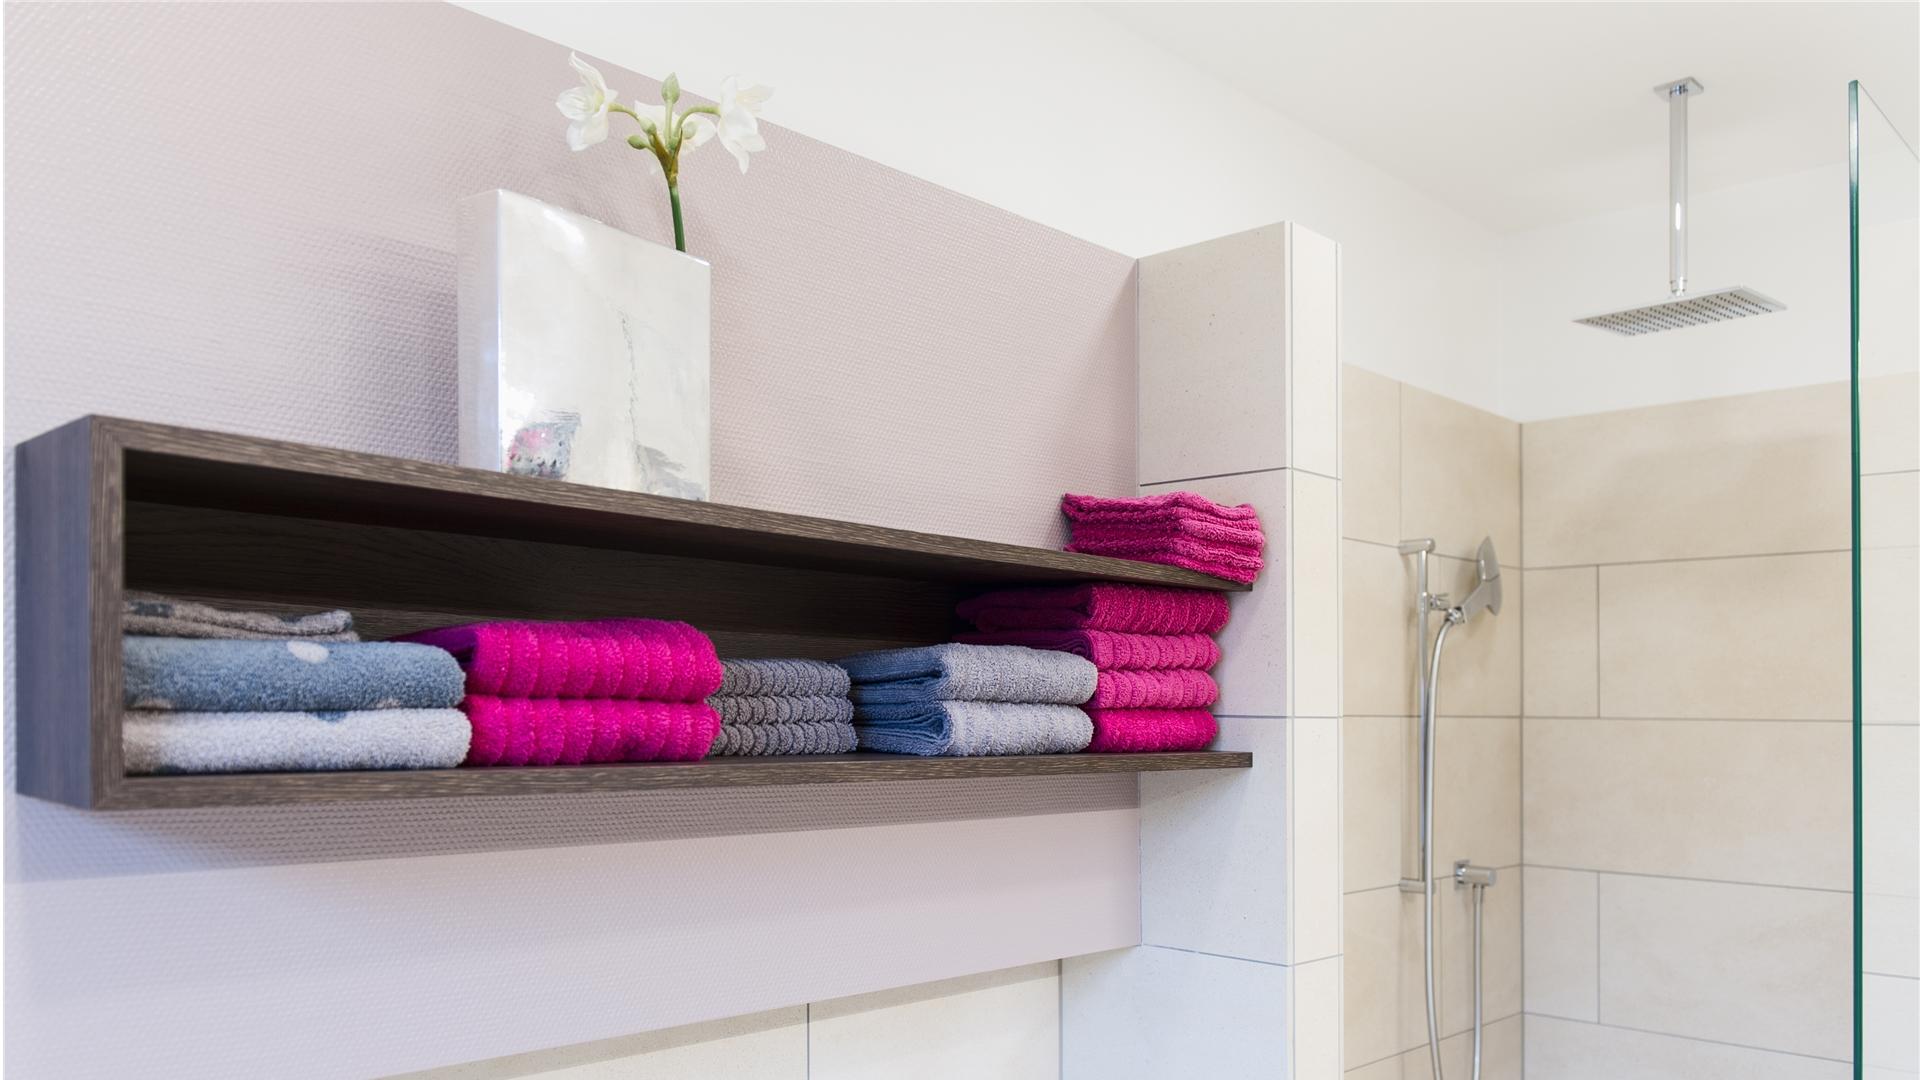 Handtuchregal in schwarzbraun mit Handtüchern in pink und grau